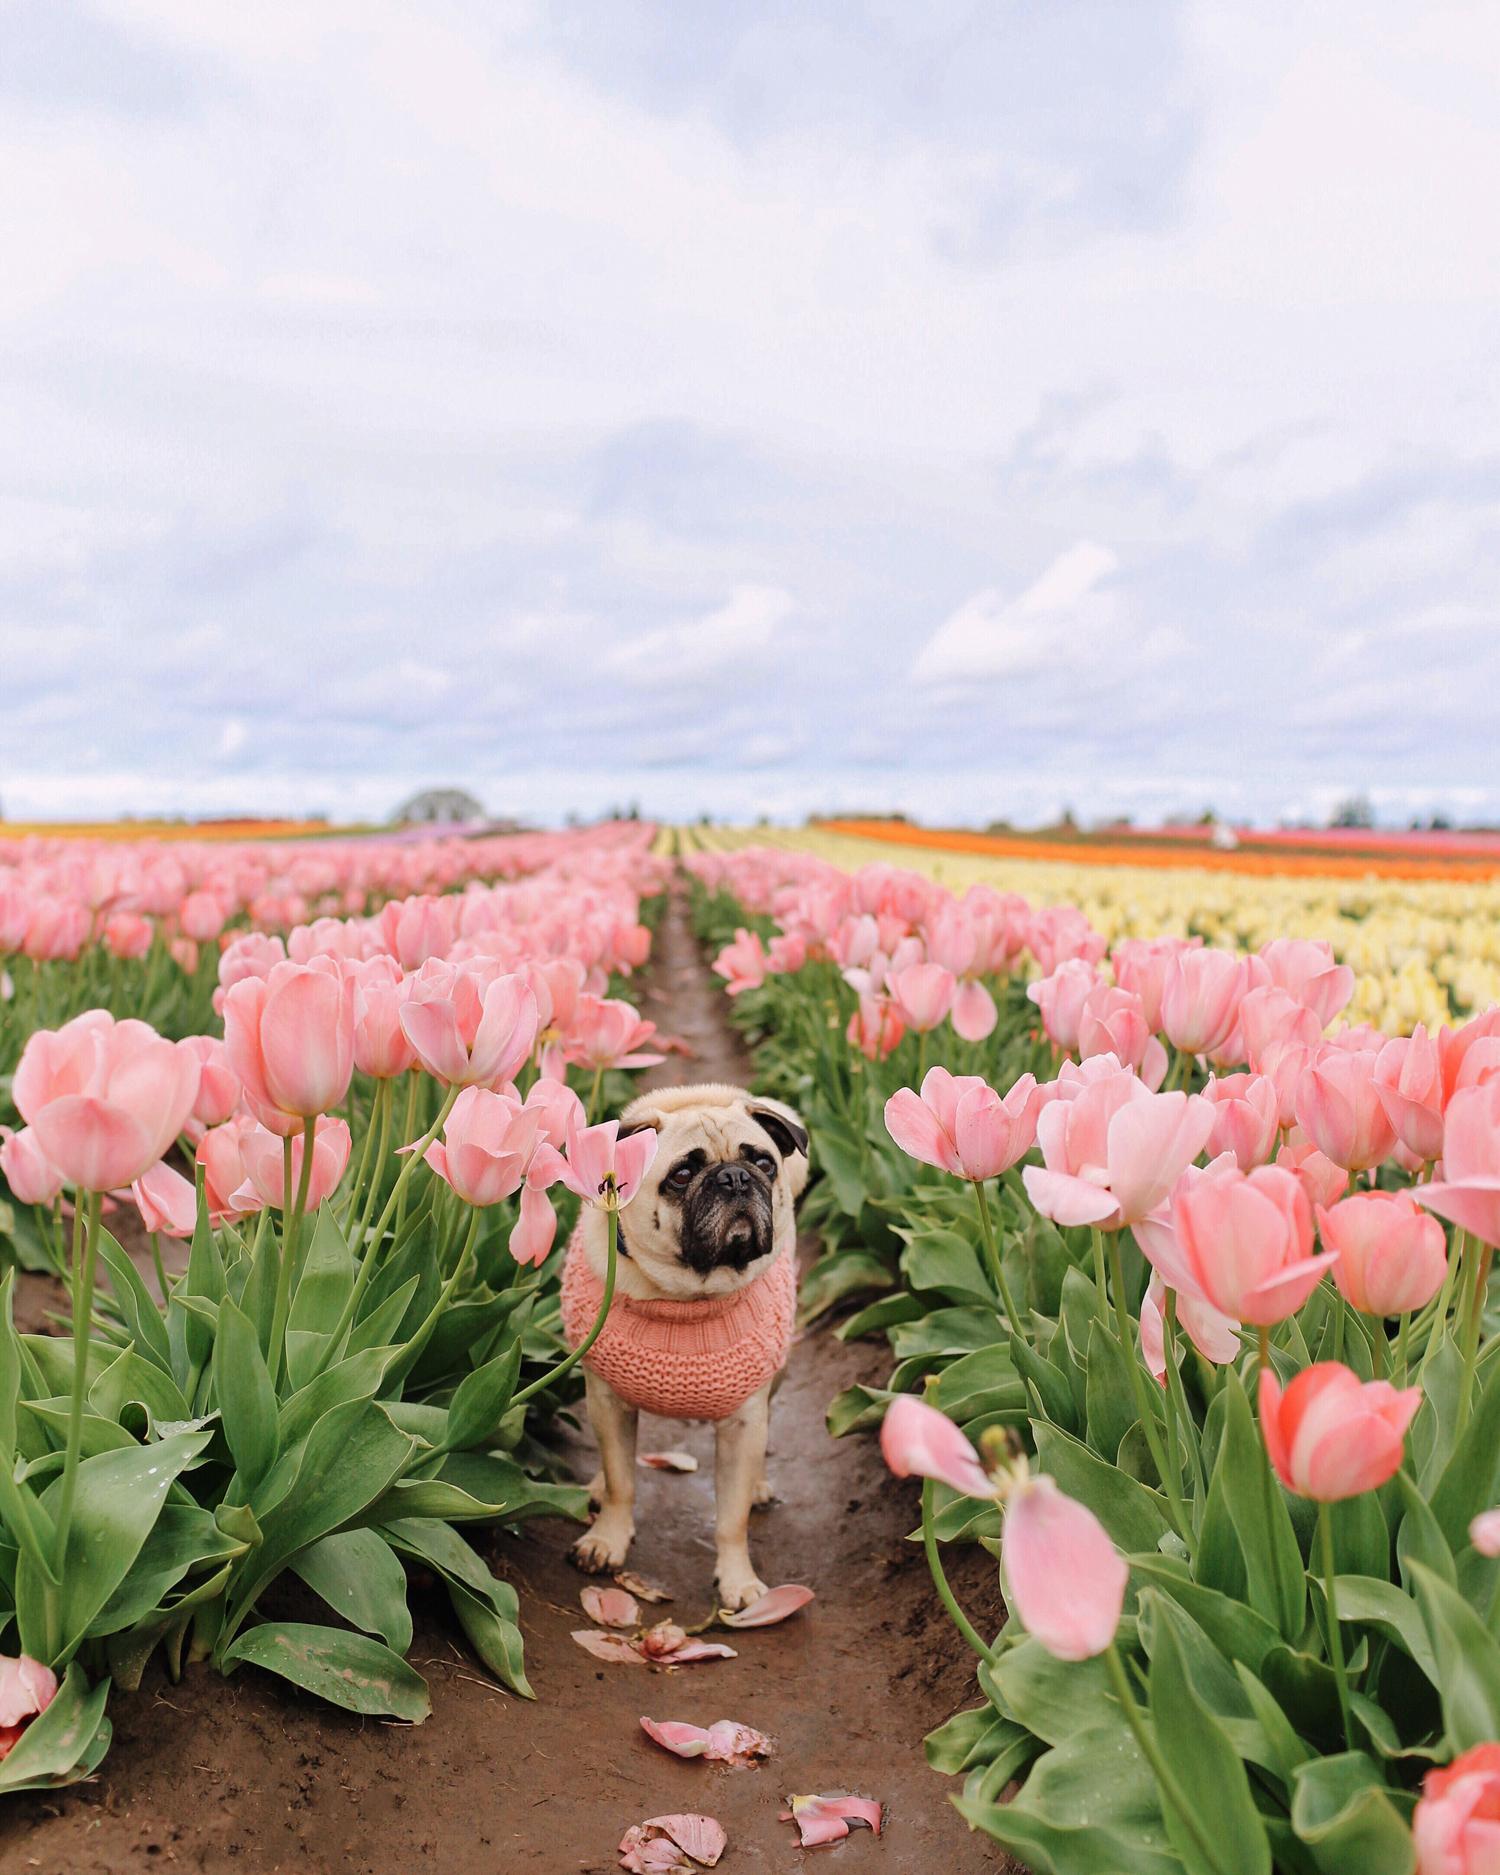 Portland-dogfriendly-travel-travelwithyourdog-woodenshoetulipfestival-2019-dogstraveling-dogblog-pug-dogmomblog-newyorkblog-visitportland25.jpg